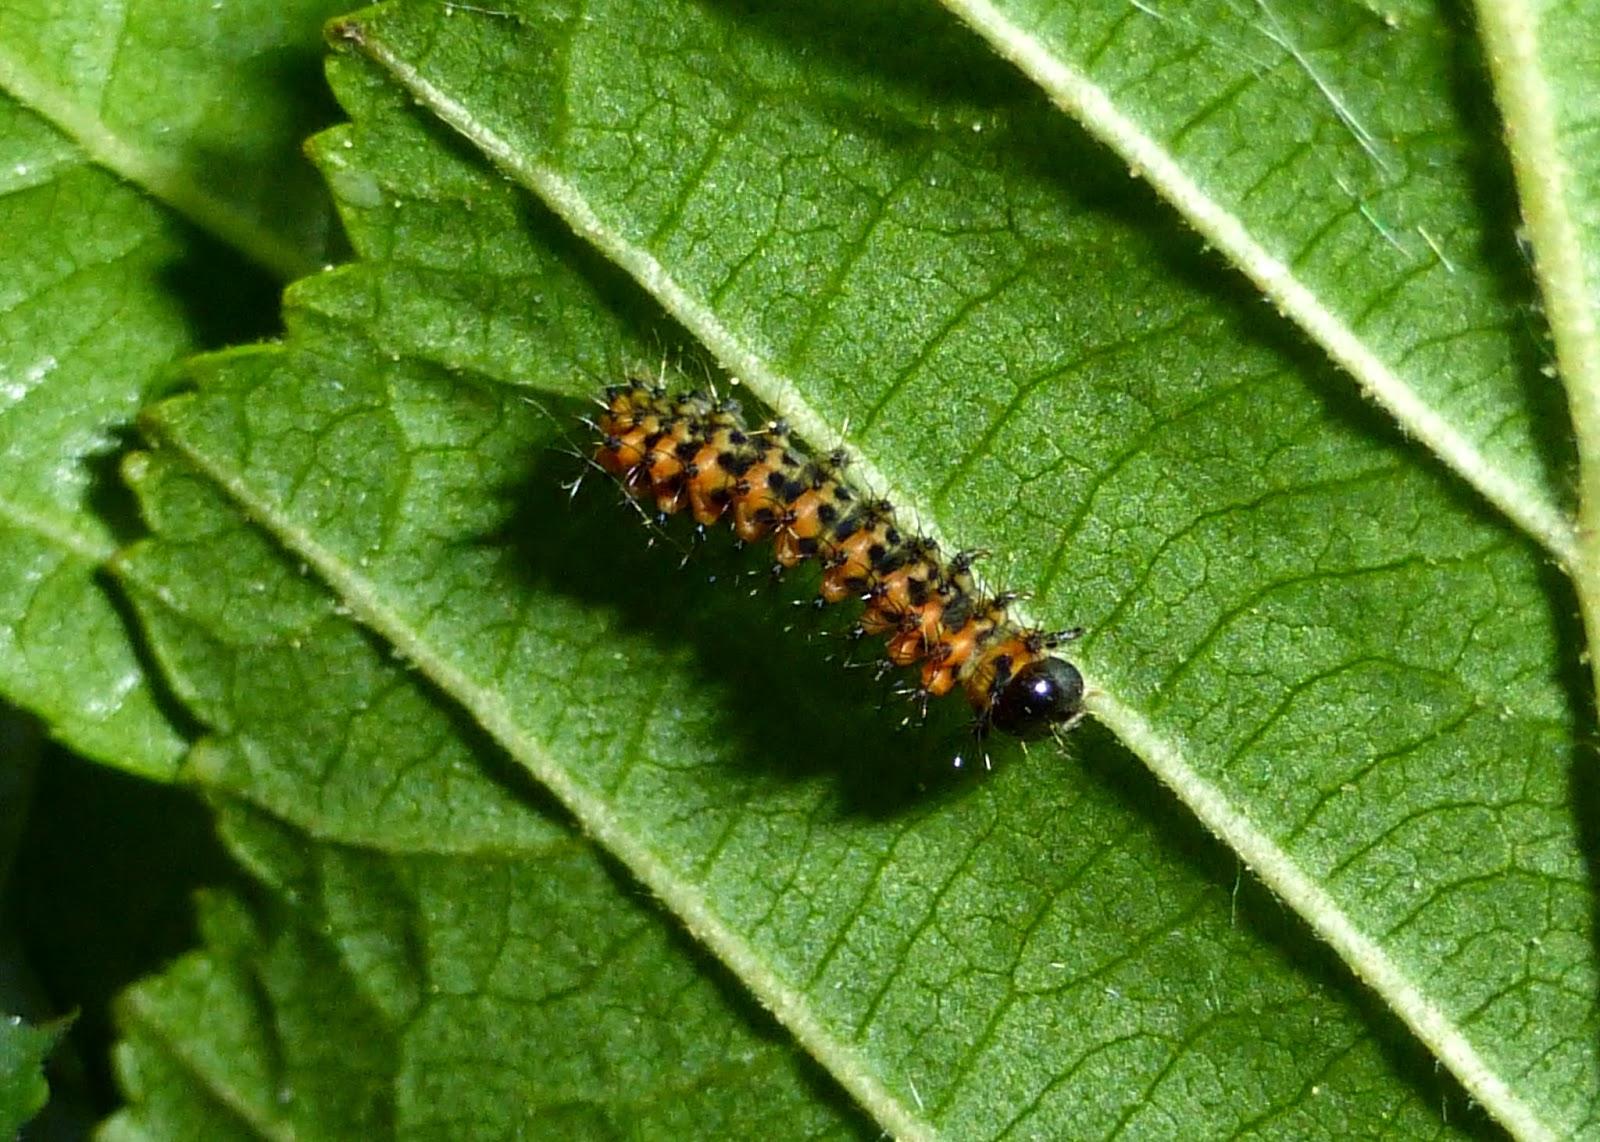 Actias sjoeqvisti L2 caterpillars